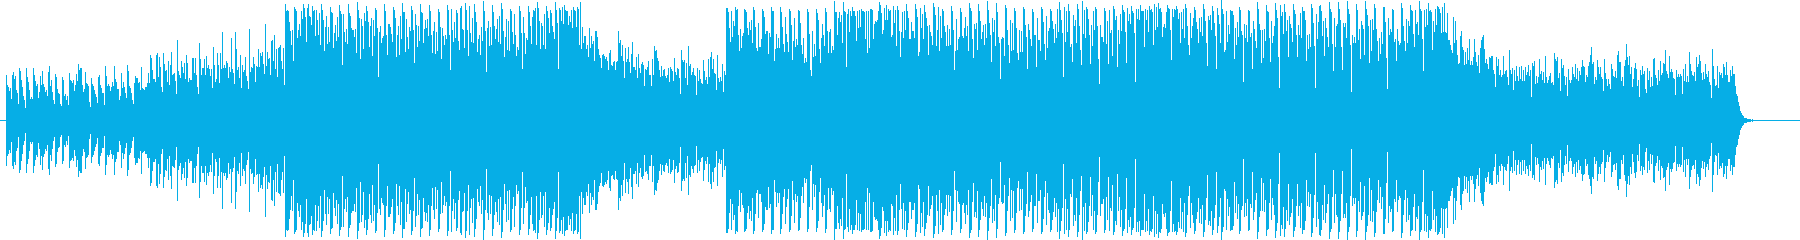 軽快でクールなEDM5の再生済みの波形